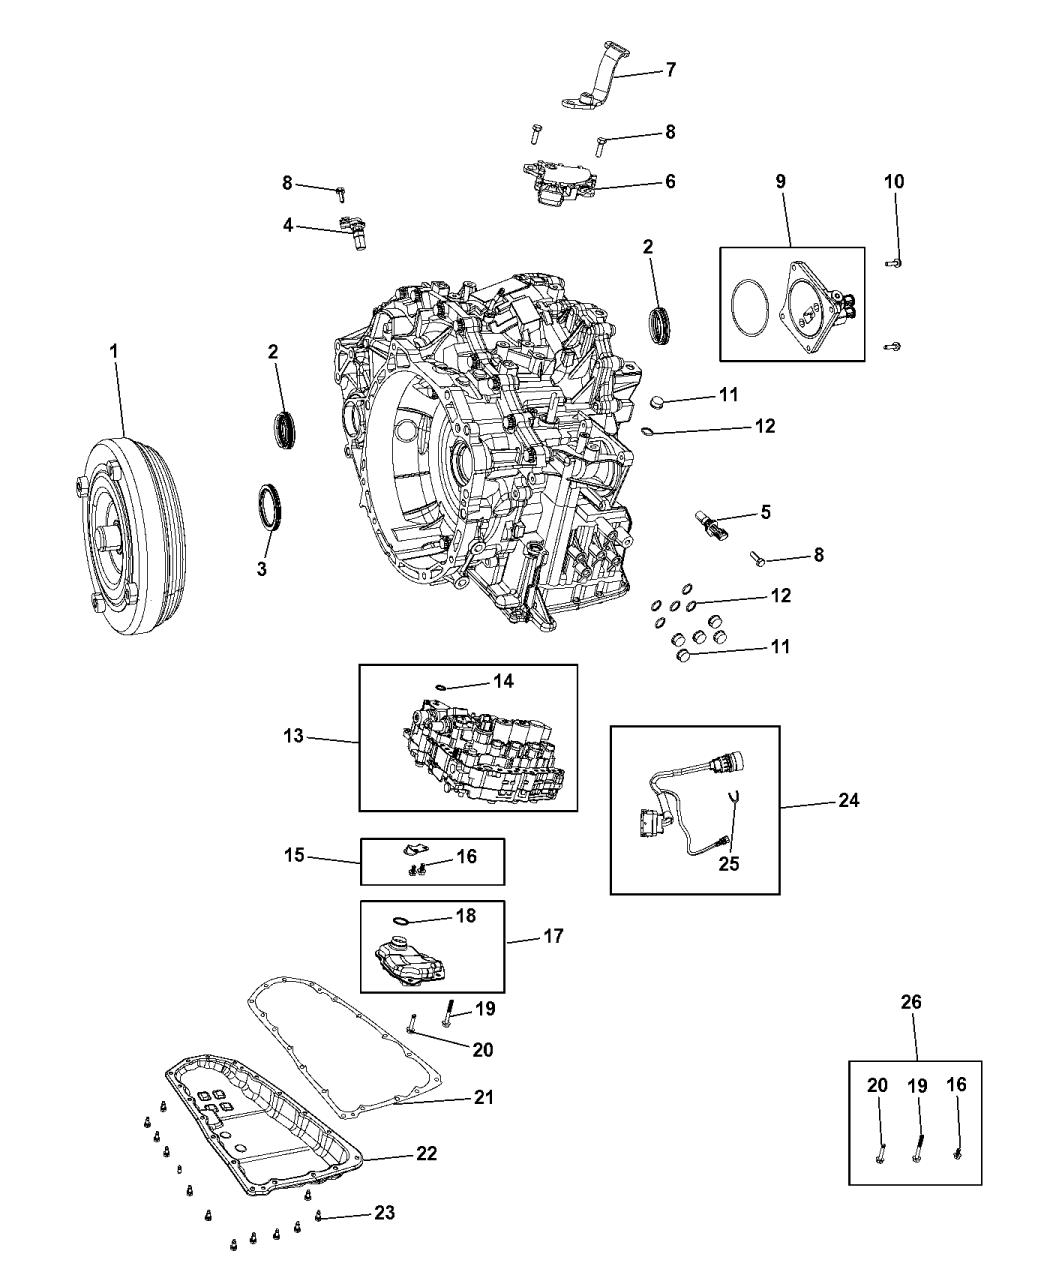 2012 Jeep Patriot Transmission Serviceable Parts Automatic Diagram Transaxle Thumbnail 1